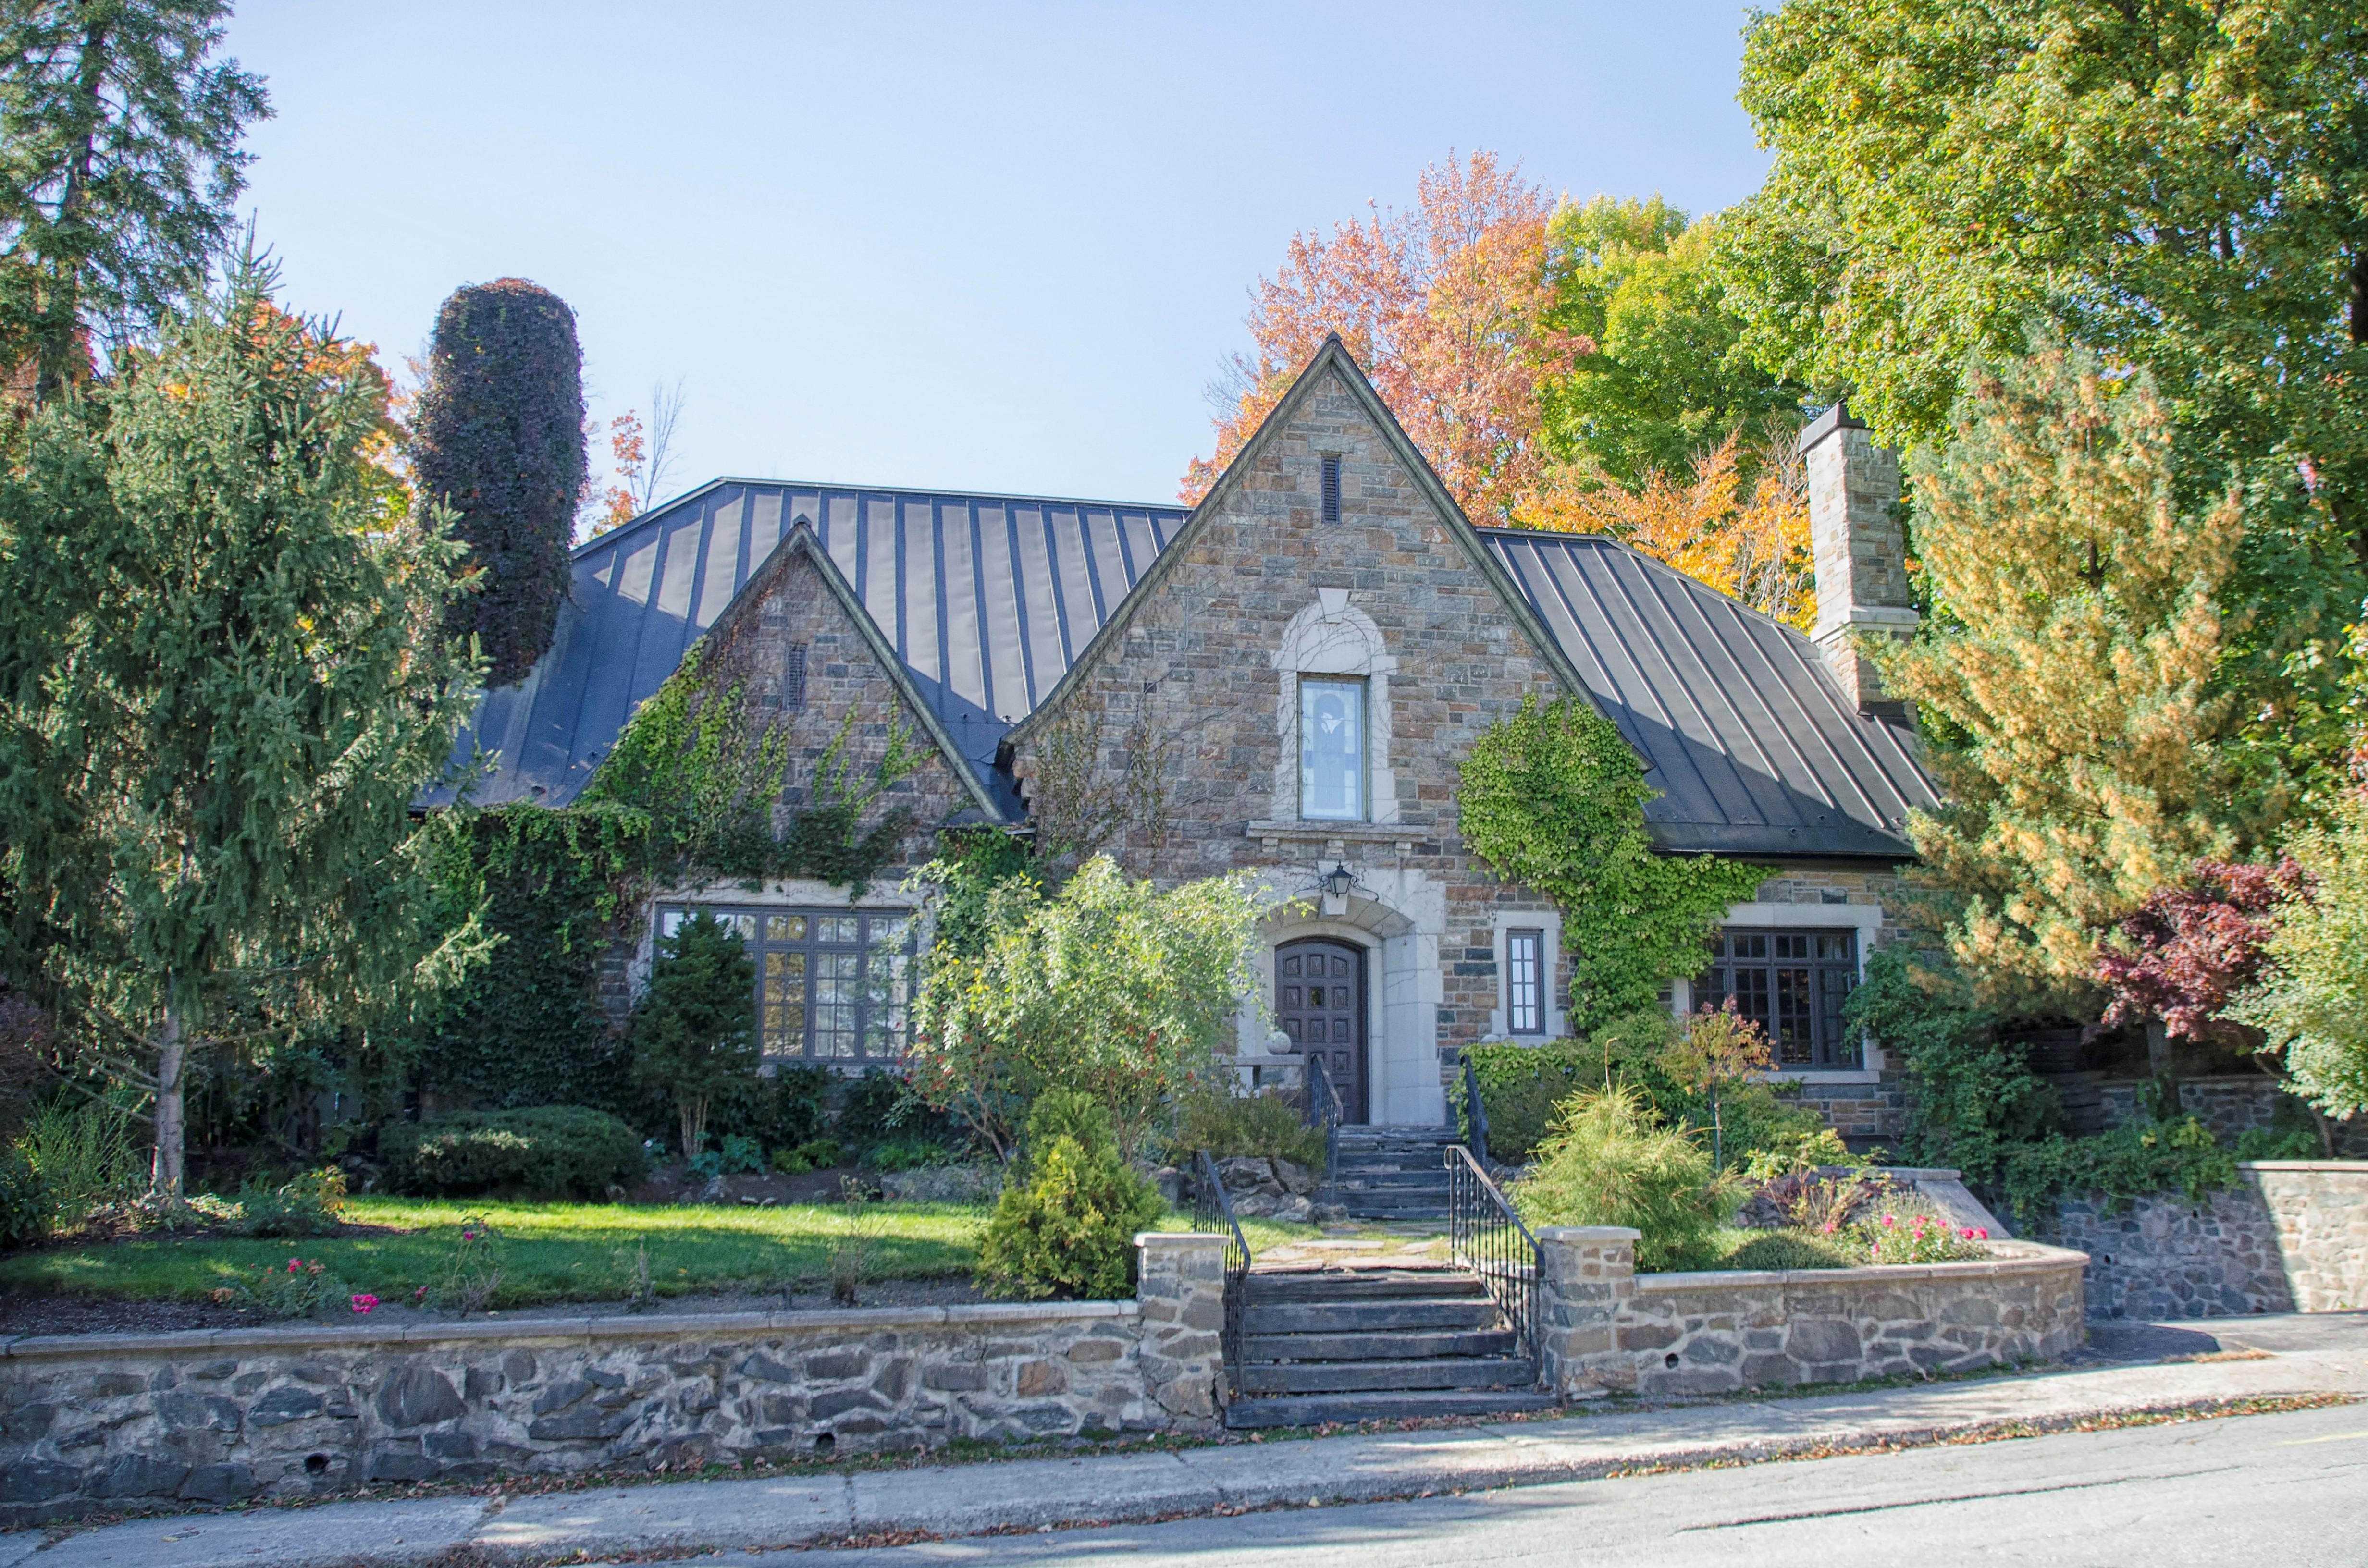 Images Gratuites : la nature, pelouse, Manoir, maison, bâtiment ...